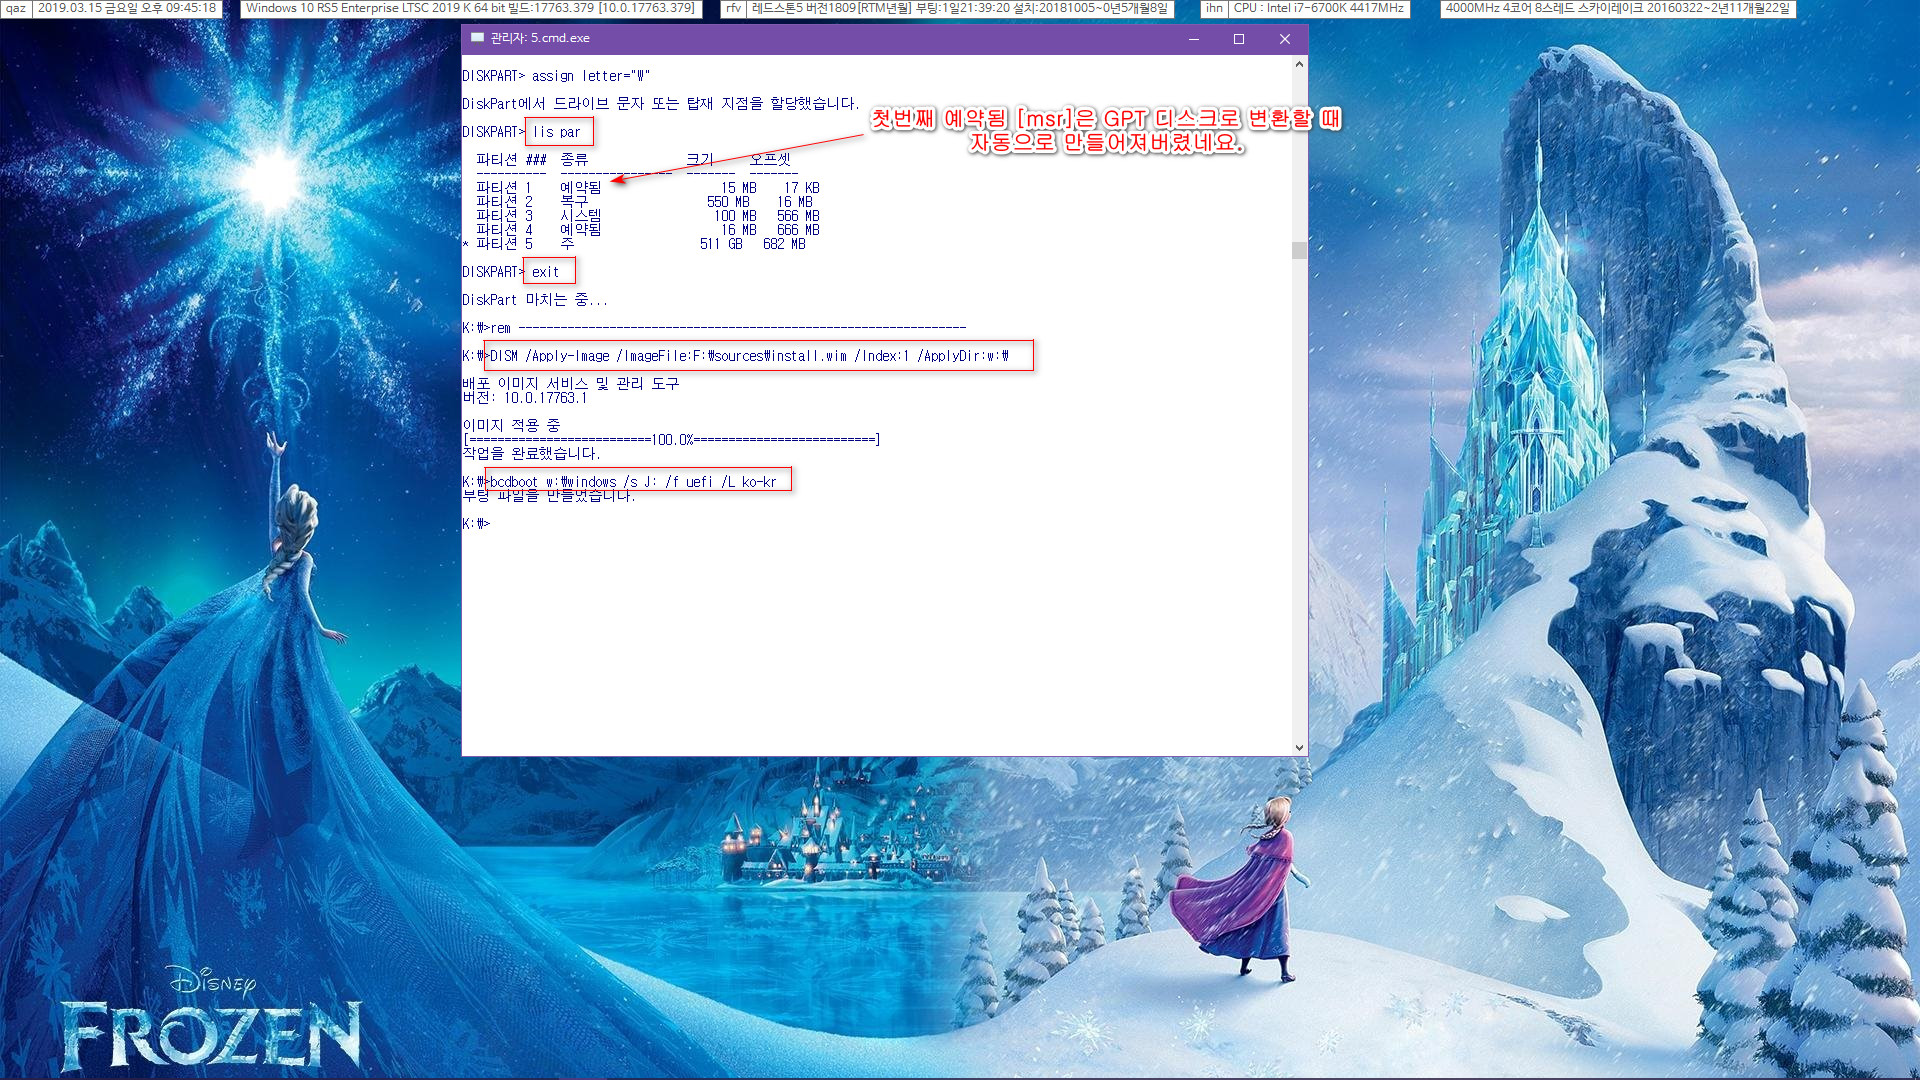 윈도 내장 명령어 diskpart.exe 와 dism.exe 와 bcdboot.exe 으로 UEFI 용 파티션들 만들고 윈도 설치하기 예시 2019-03-15_214518.jpg